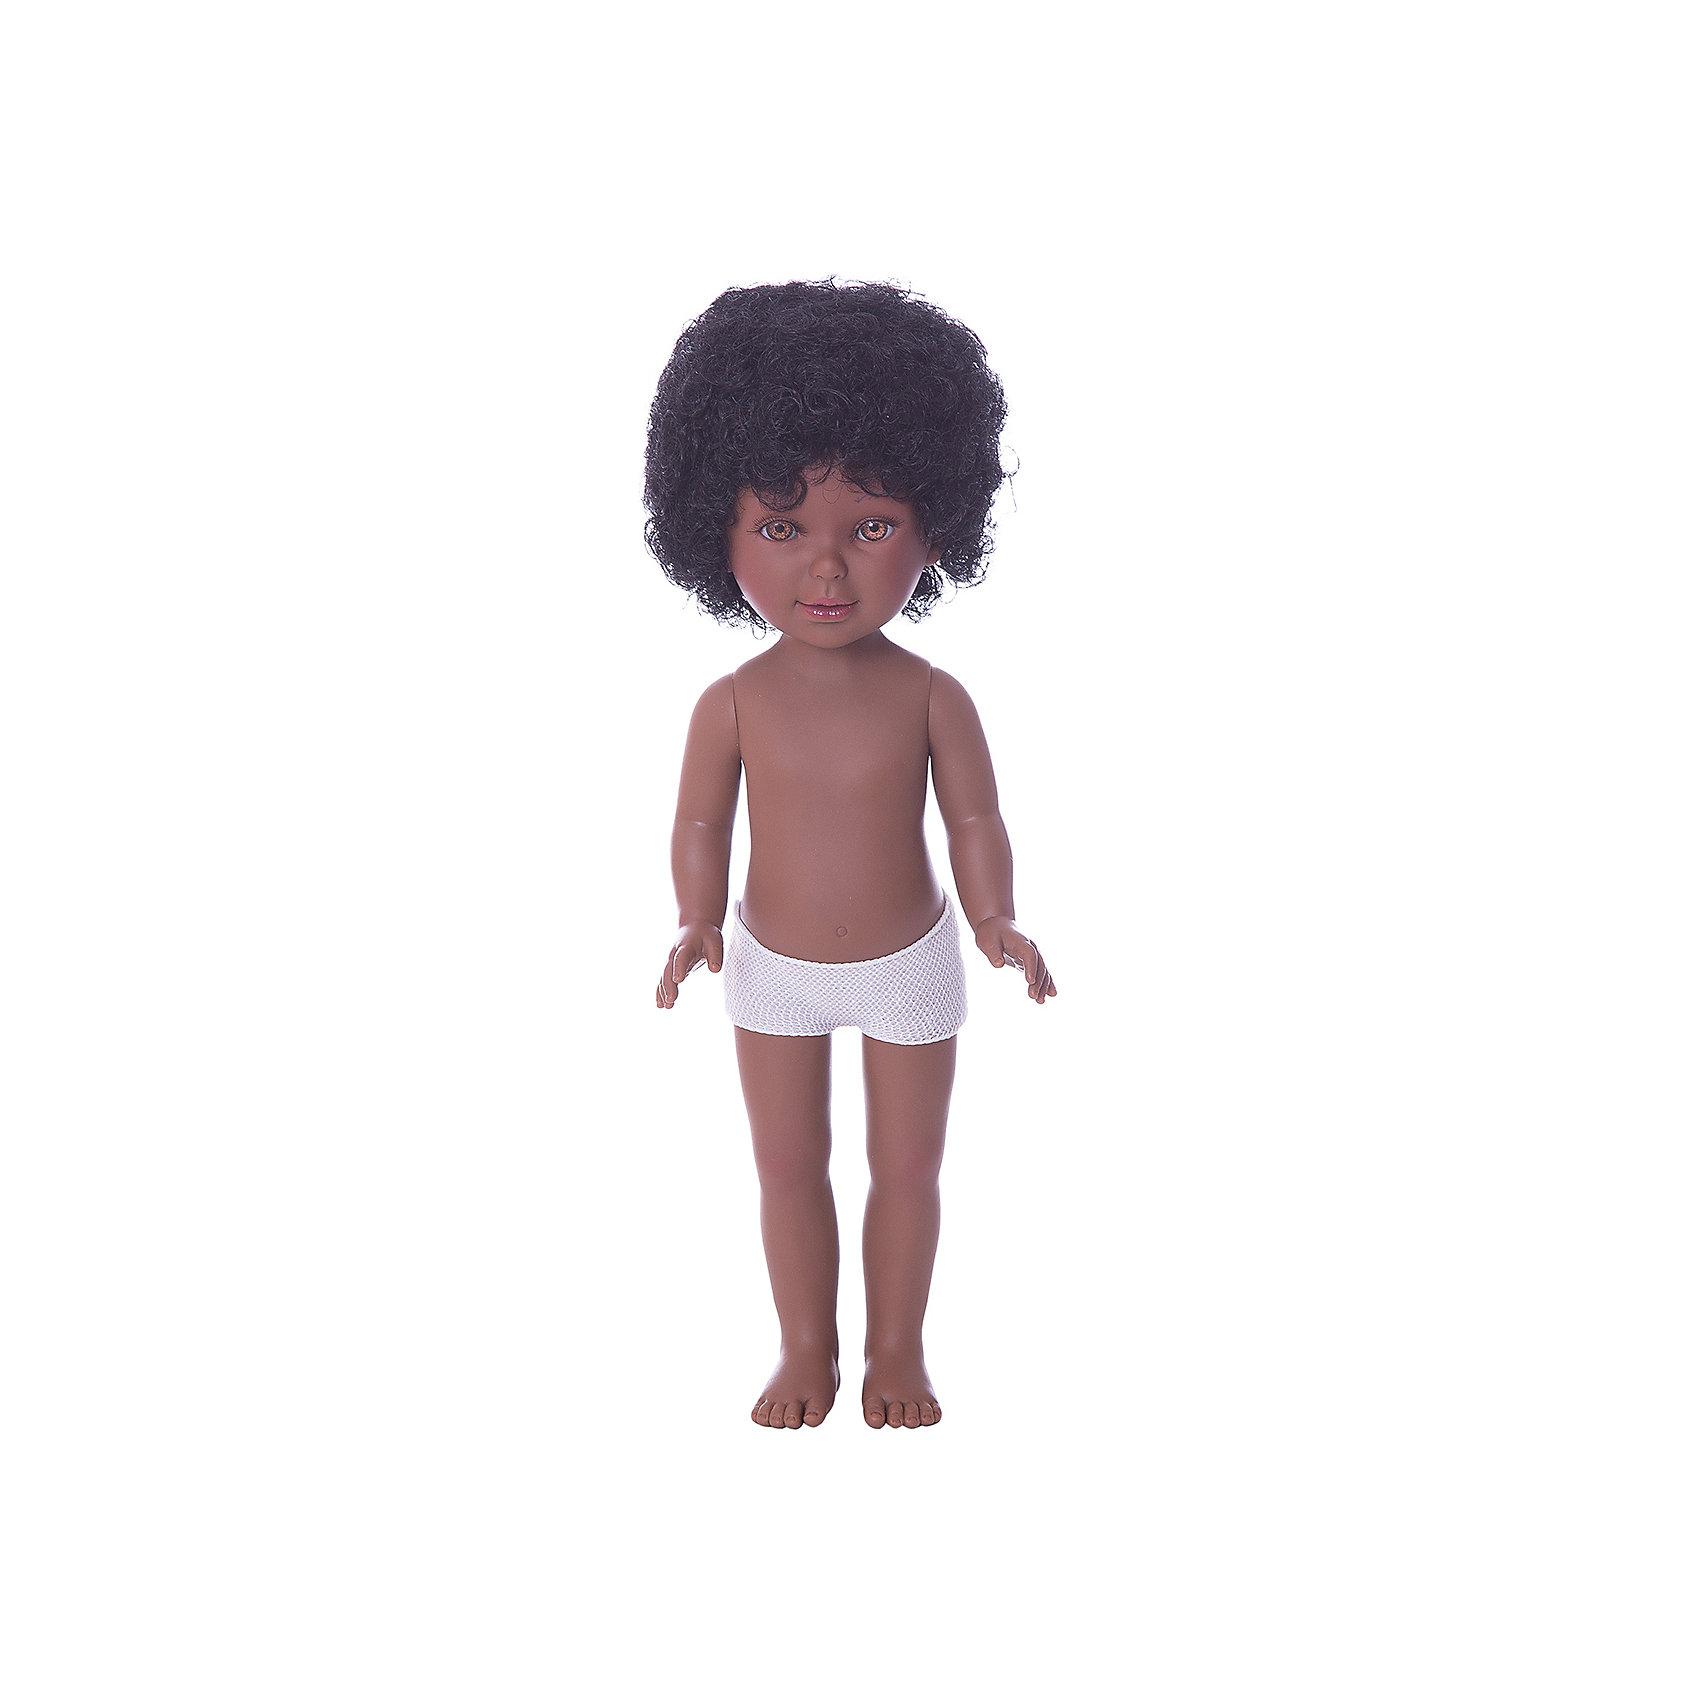 Классическая кукла Vestida de Azul Паулина, Африканка, нюд